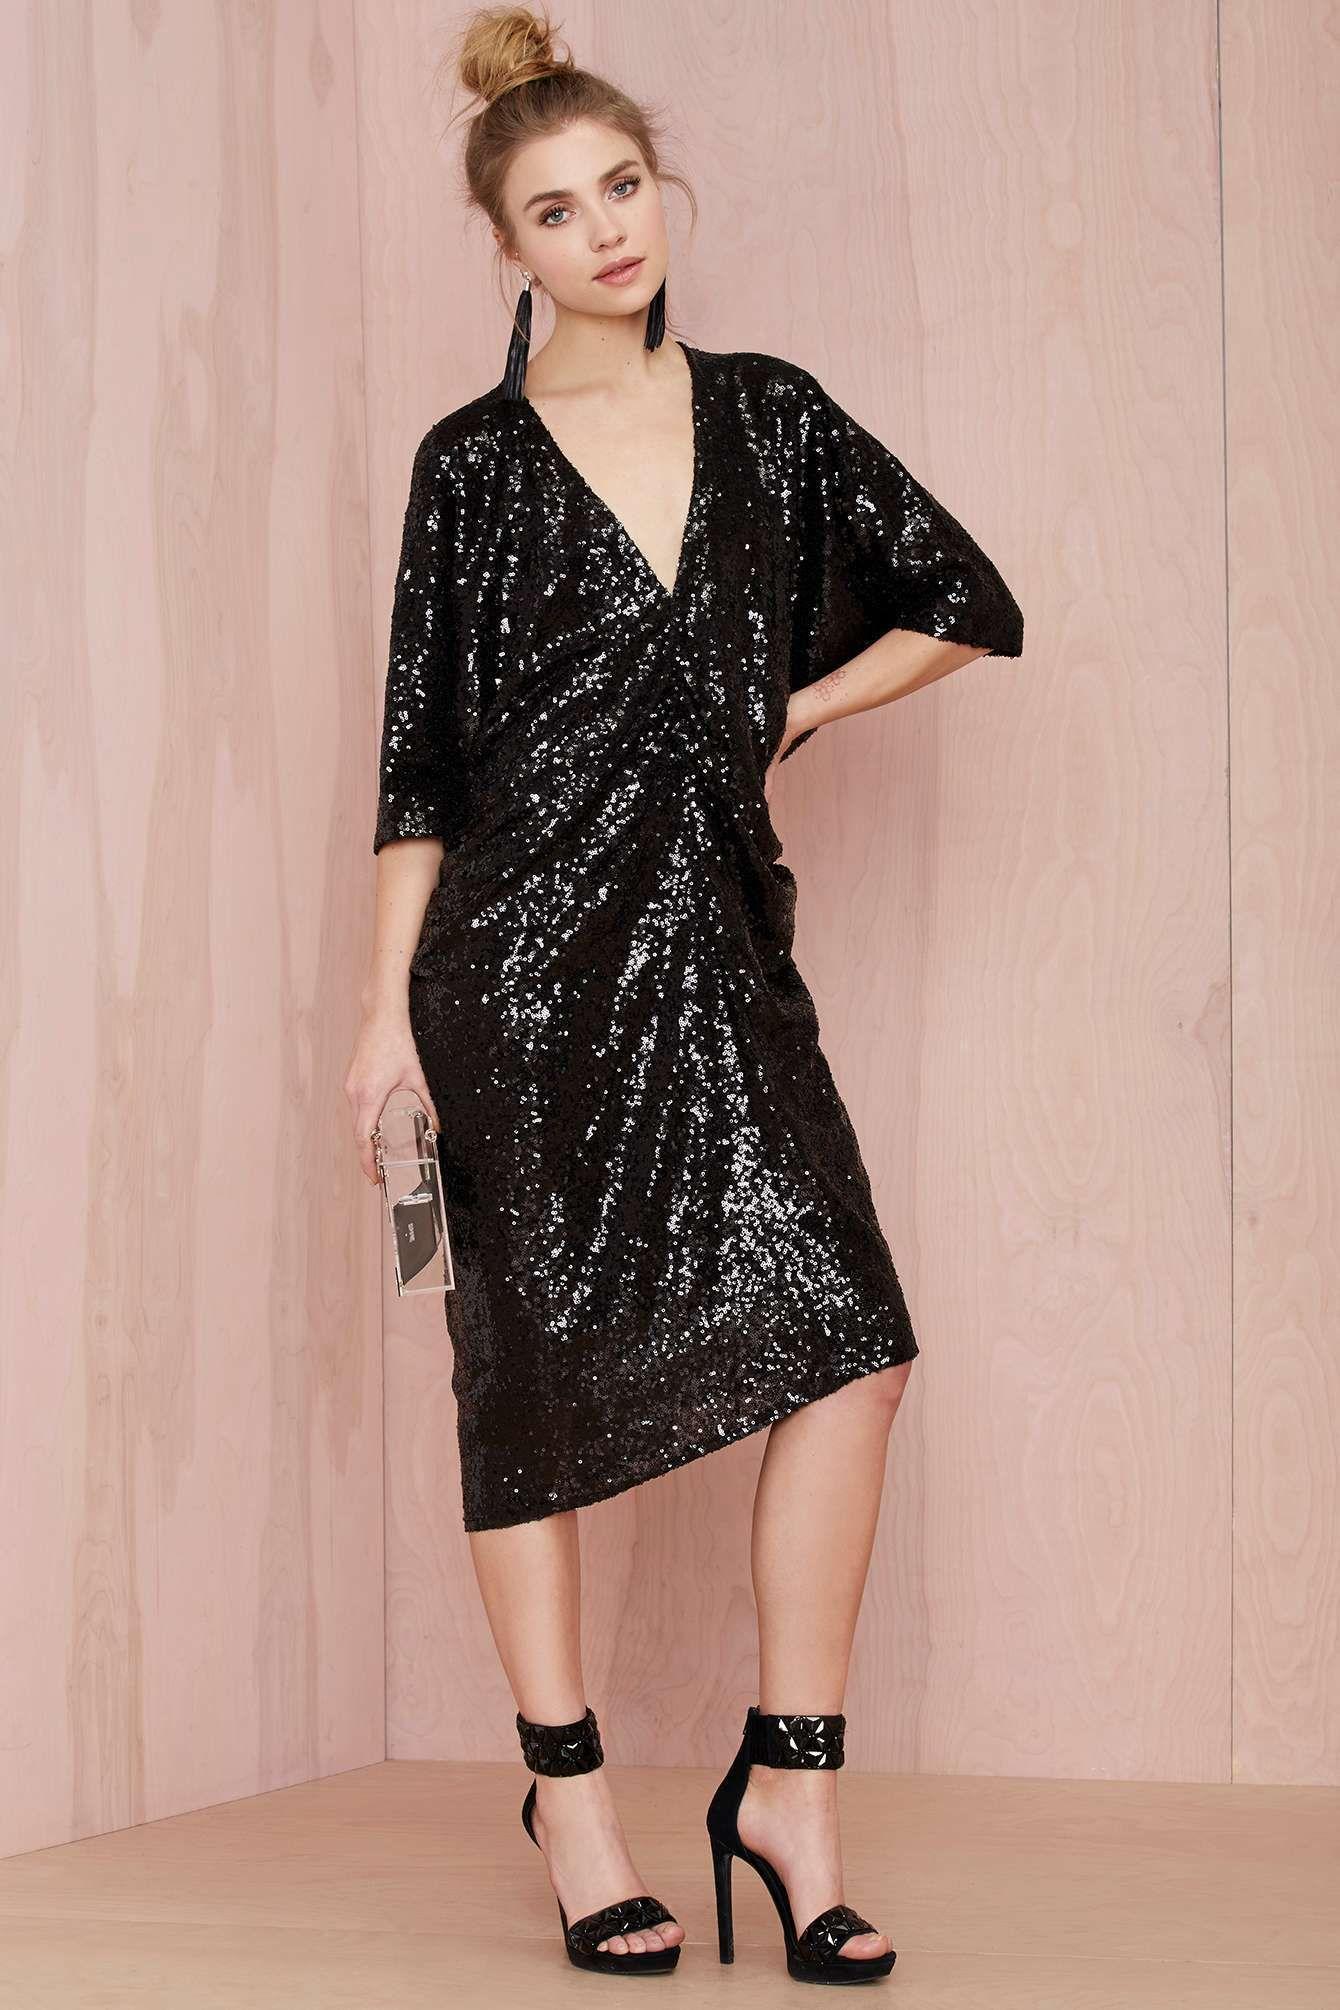 Moda Para Dama · Ideas De Moda · Nasty Gal Night Moves Sequin Dress Vestidos  De Moda bf8c451cf787